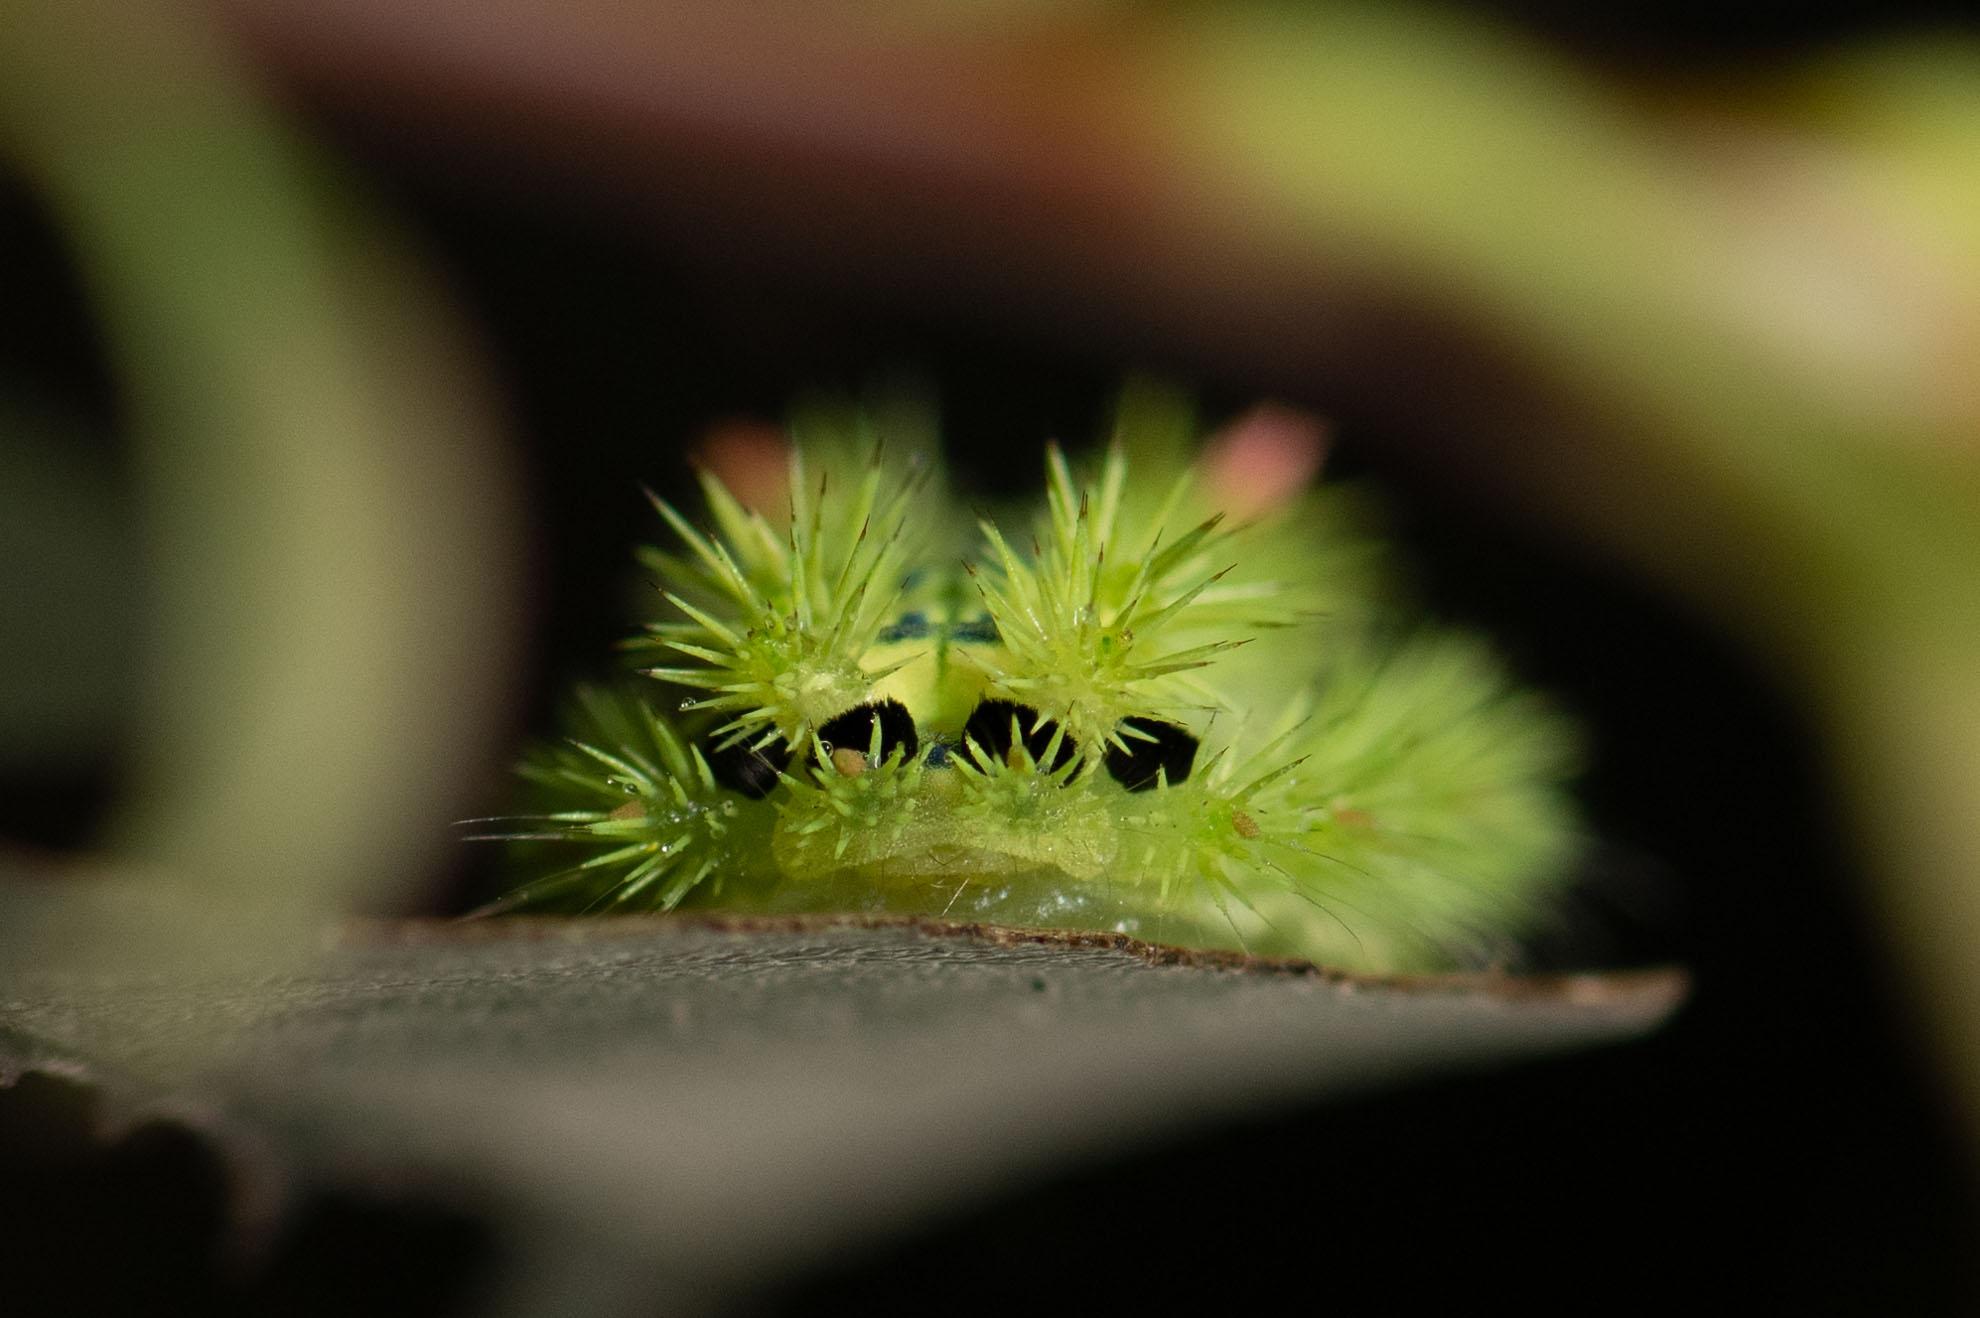 光が丘公園の危険な虫・昆虫・いもむしのヒロヘリアオイラガ